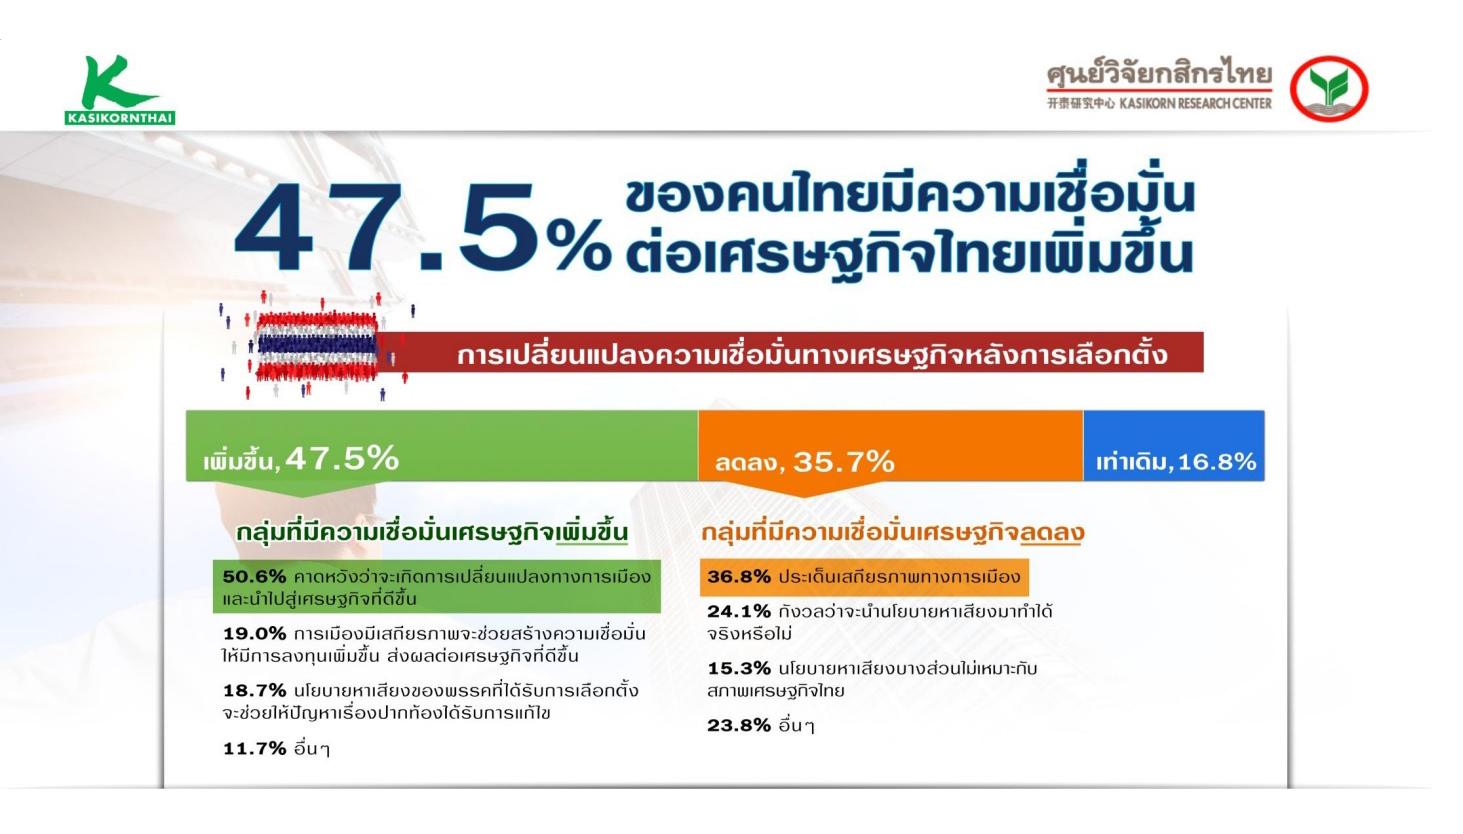 'ศูนย์วิจัยกสิกรไทย' จับตา ศก. หลังเลือกตั้ง ลดประมาณการเศรษฐกิจปี 62 เหลือ 3.7%